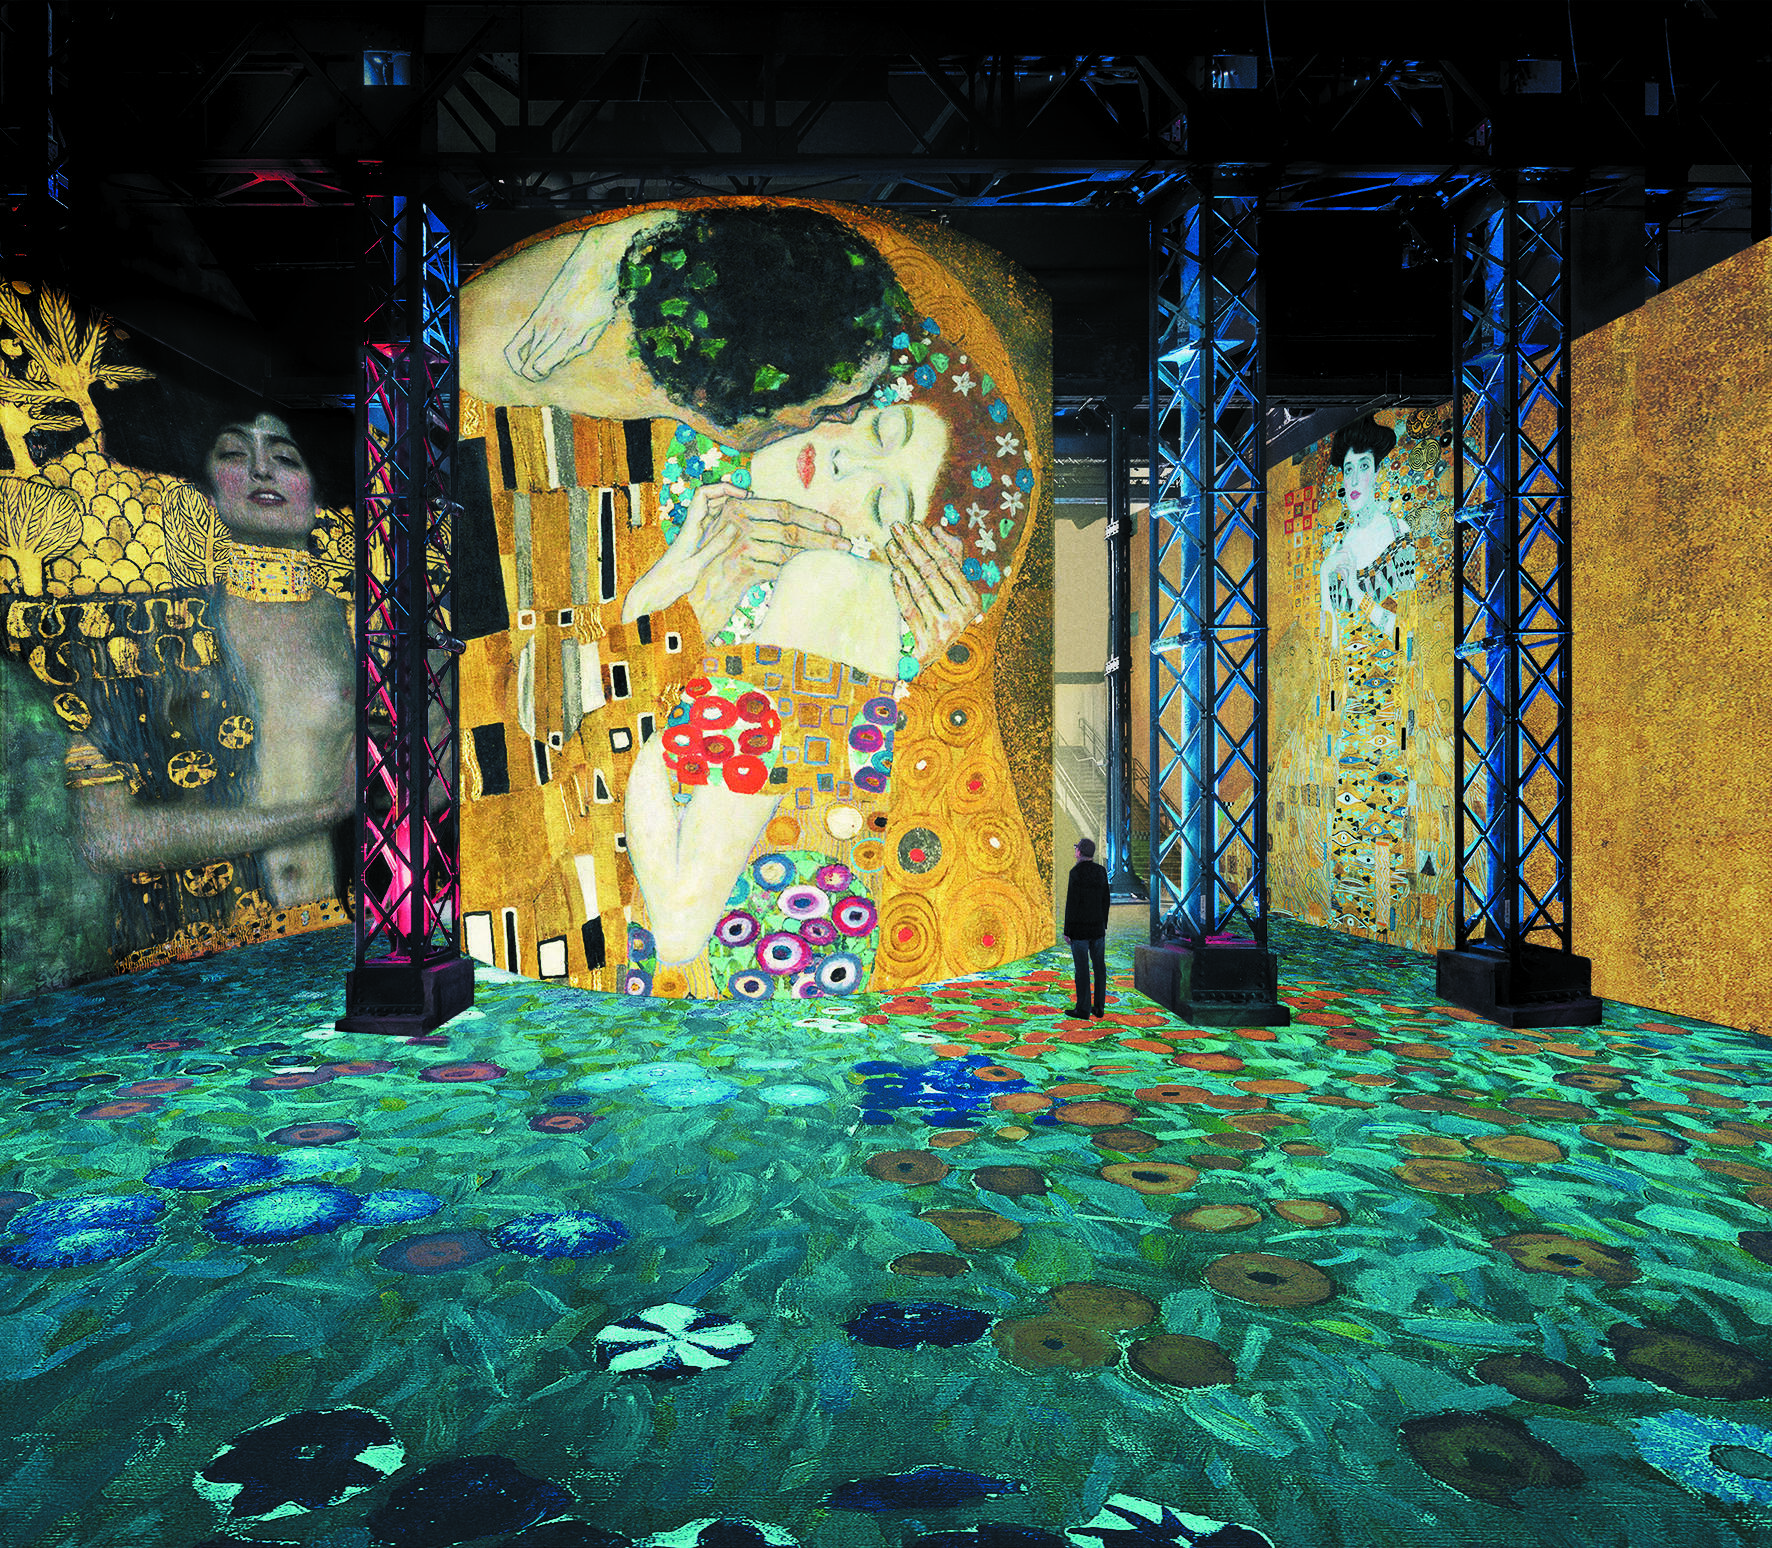 В Париже открылся центр цифрового искусства Atelier des lumières. Первая выставка посвящена венскому мастеру Густаву Климту